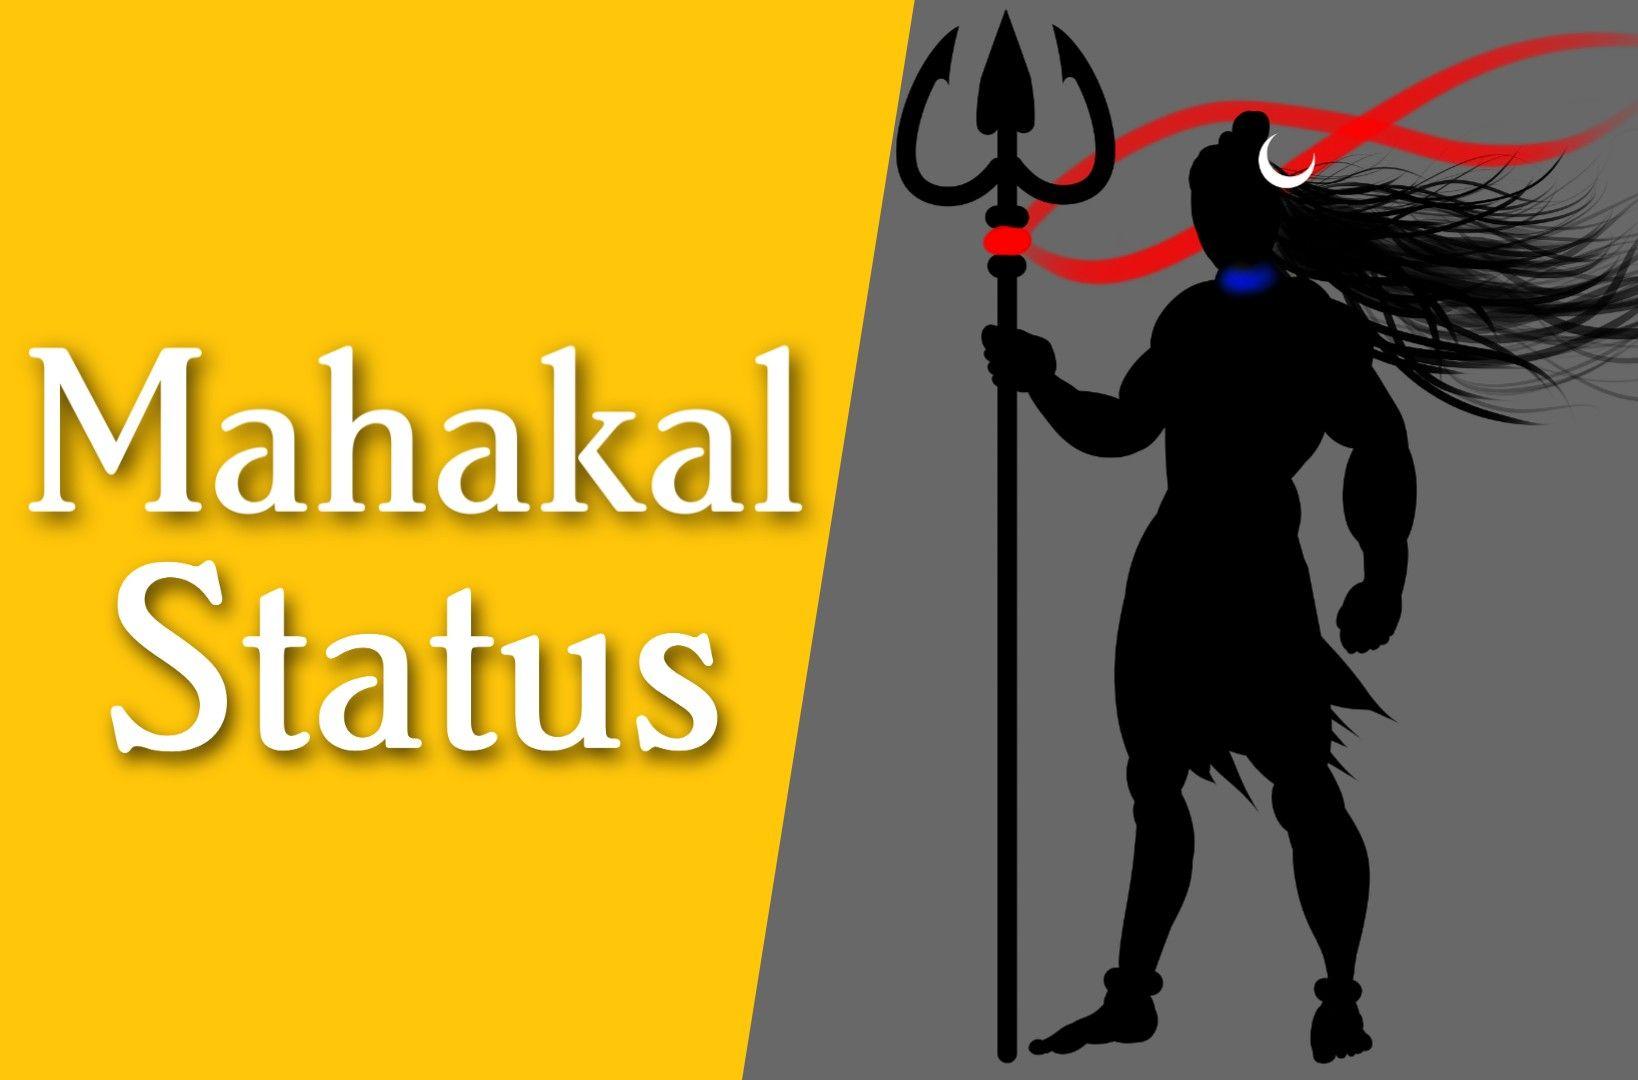 Mahakal Status in Hindi 2021 NewsFox.in